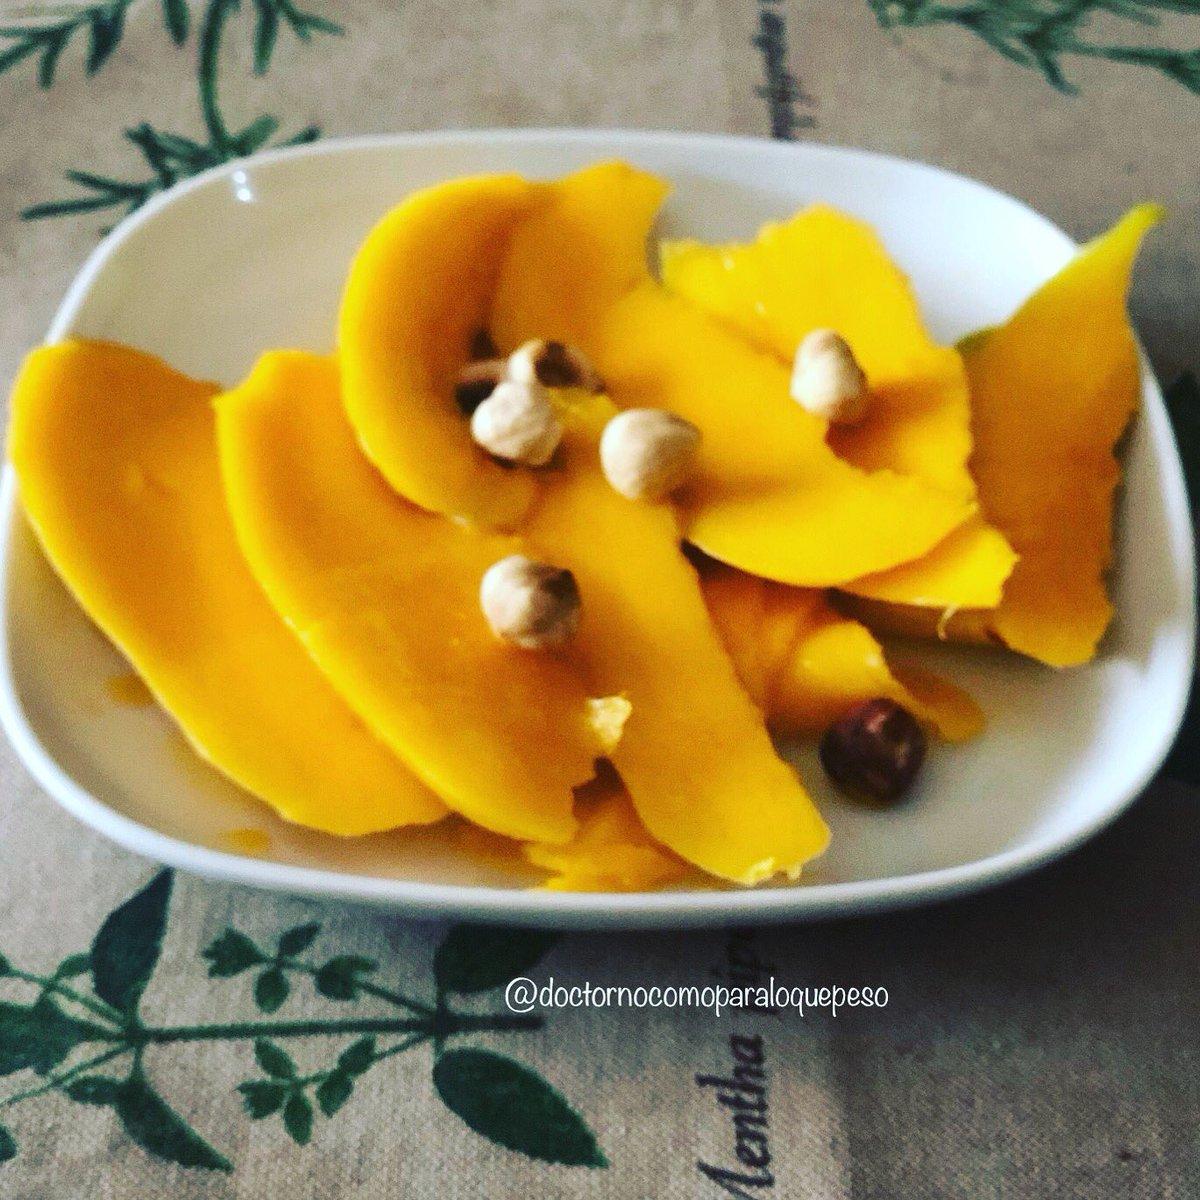 Hoy nuestro desayuno tiene de fruta un delicioso mango, con unas avellanas tostadas, buenos días!! #desayunofit #delicious #comomevoyaponer #nutricion #carotenoids #frutafresca #quericoescomer #alimentarse